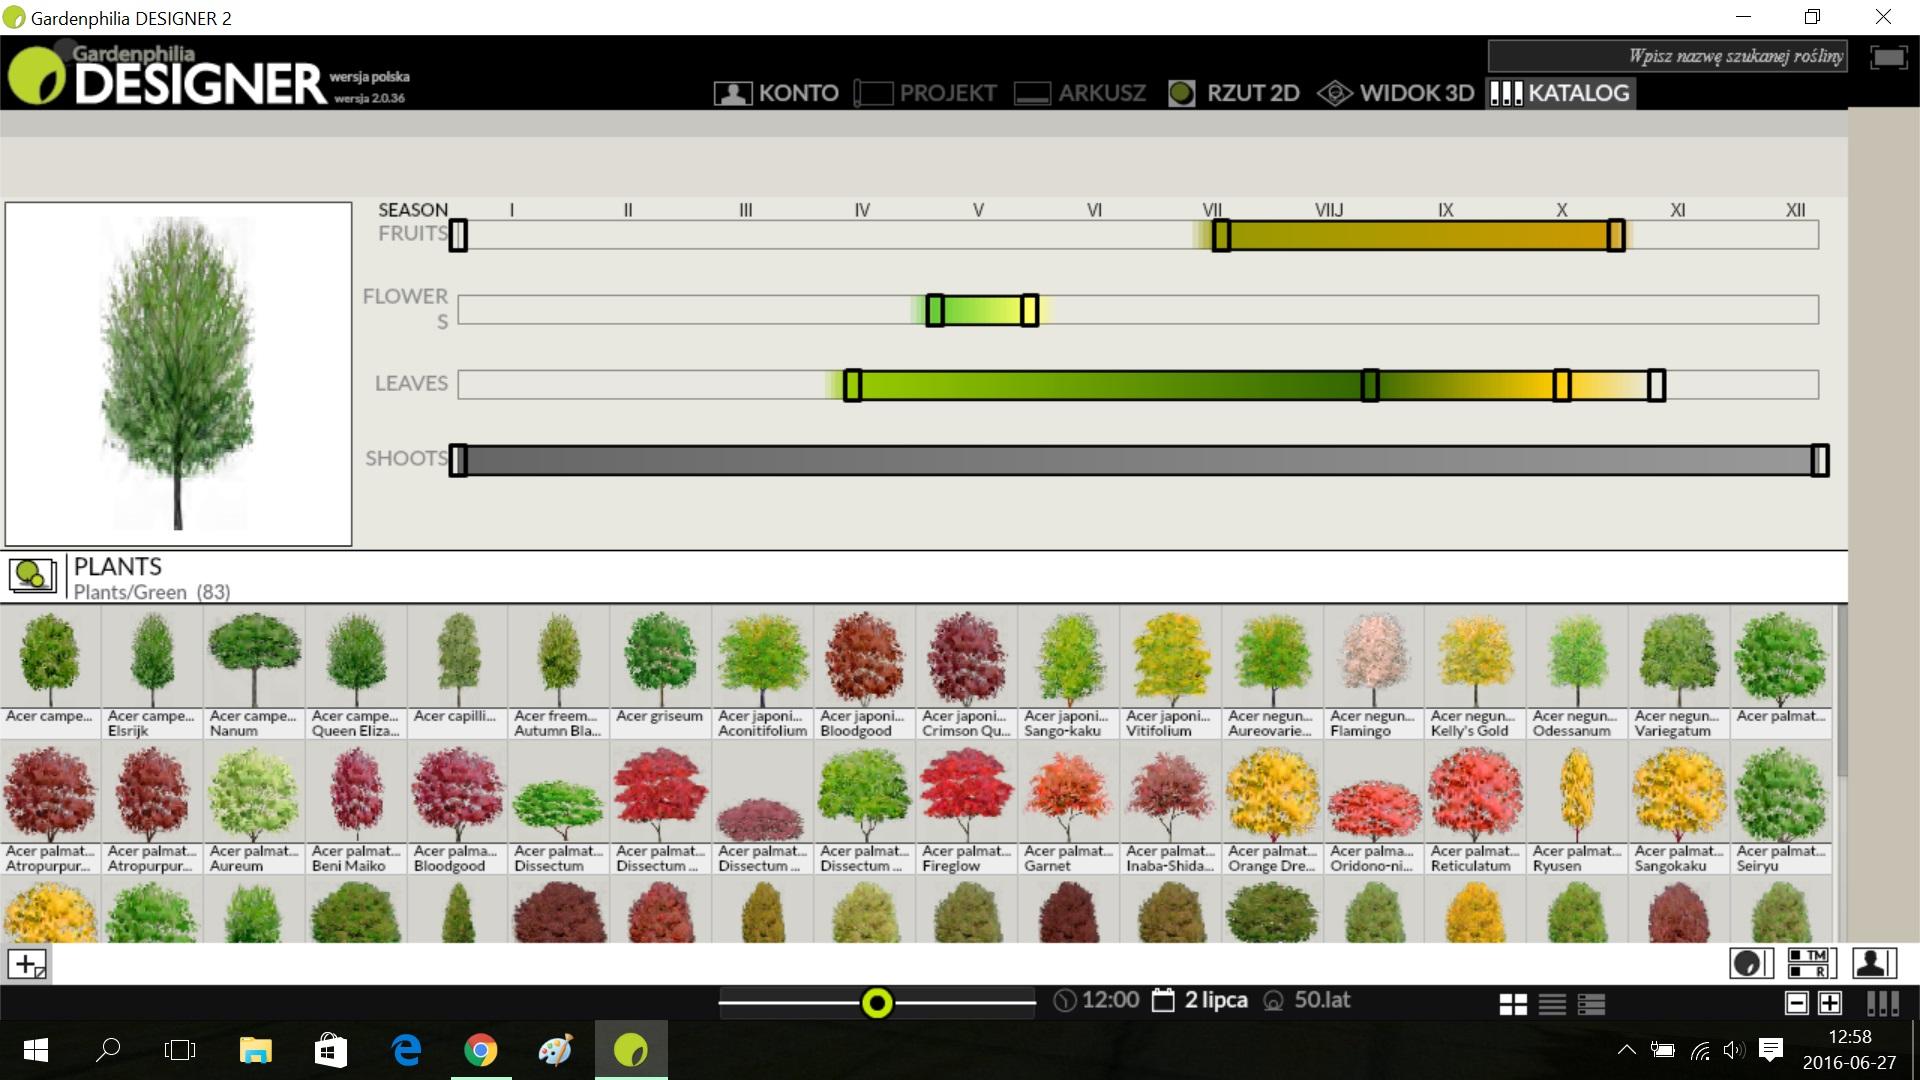 Nowy edytor roślin (wkrótce)